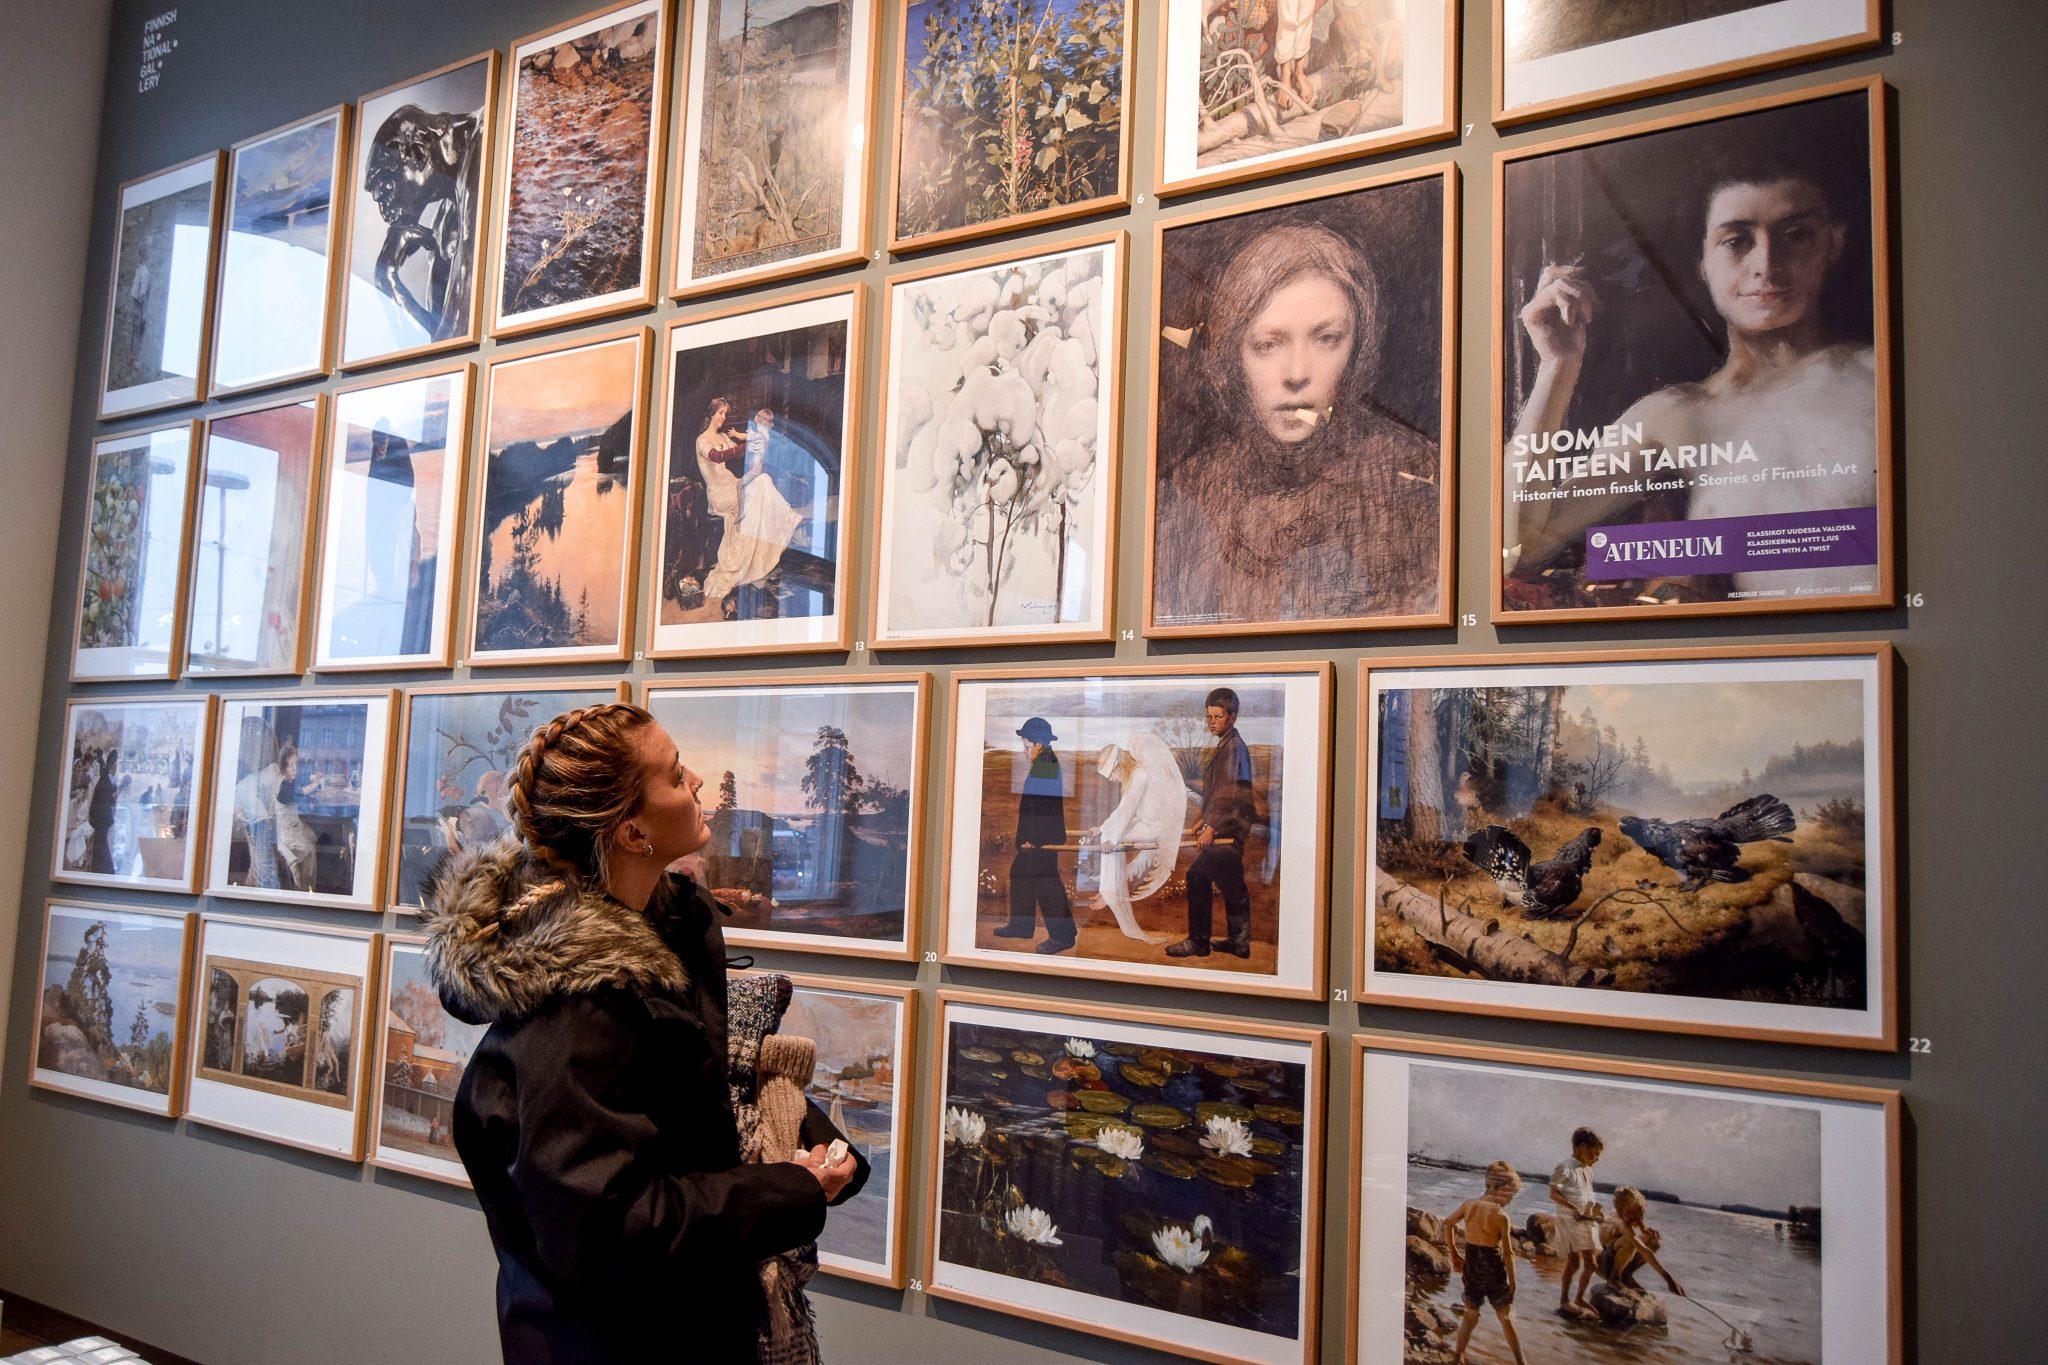 Best Museums In Helsinki Museums - Ateneum Museum Helsinki Finland